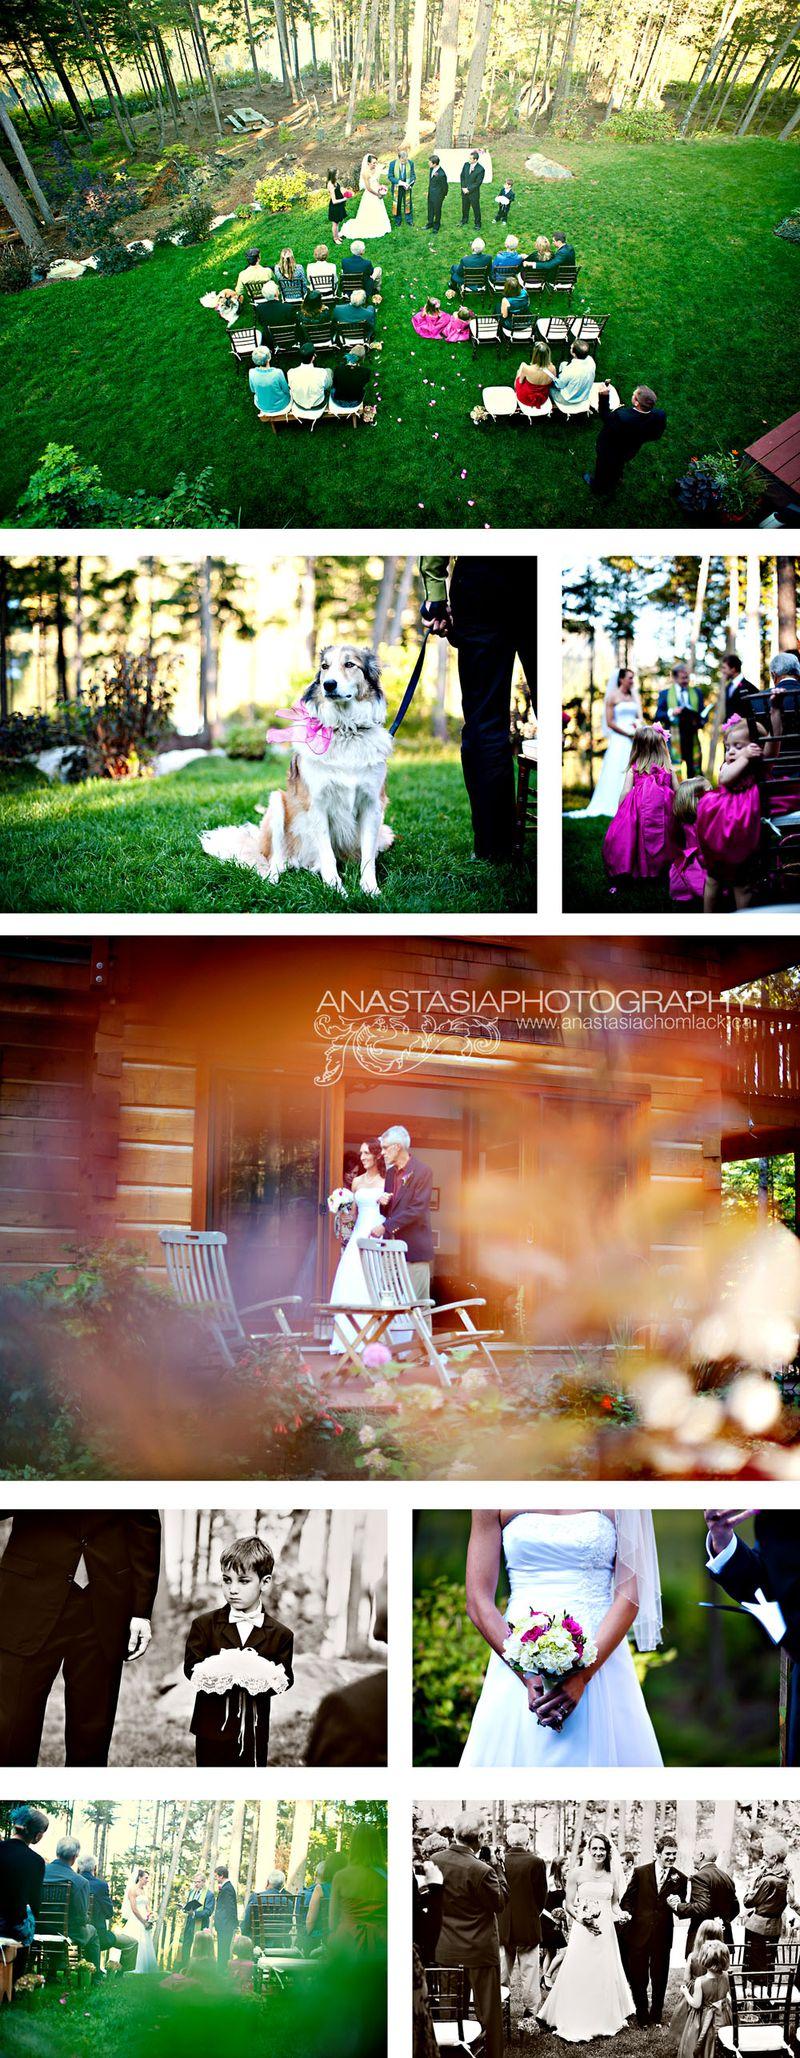 Amanda_ceremony